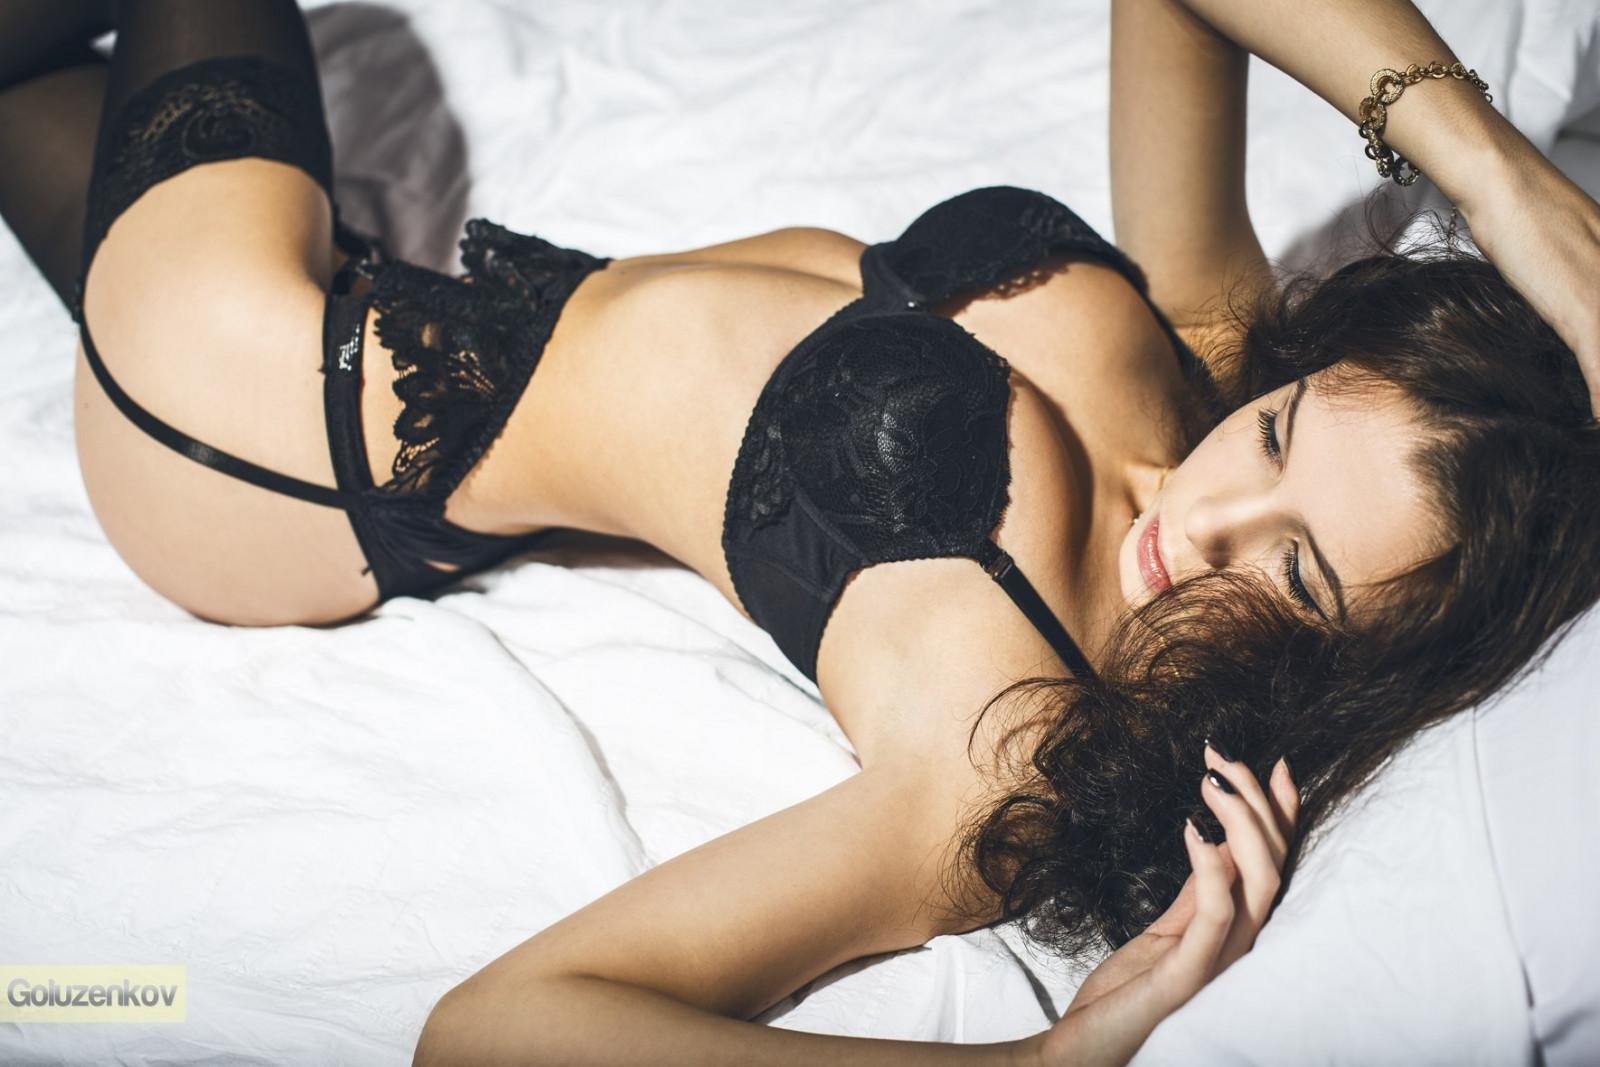 είναι το πρωκτικό σεξ επιβλαβές για τις γυναίκες